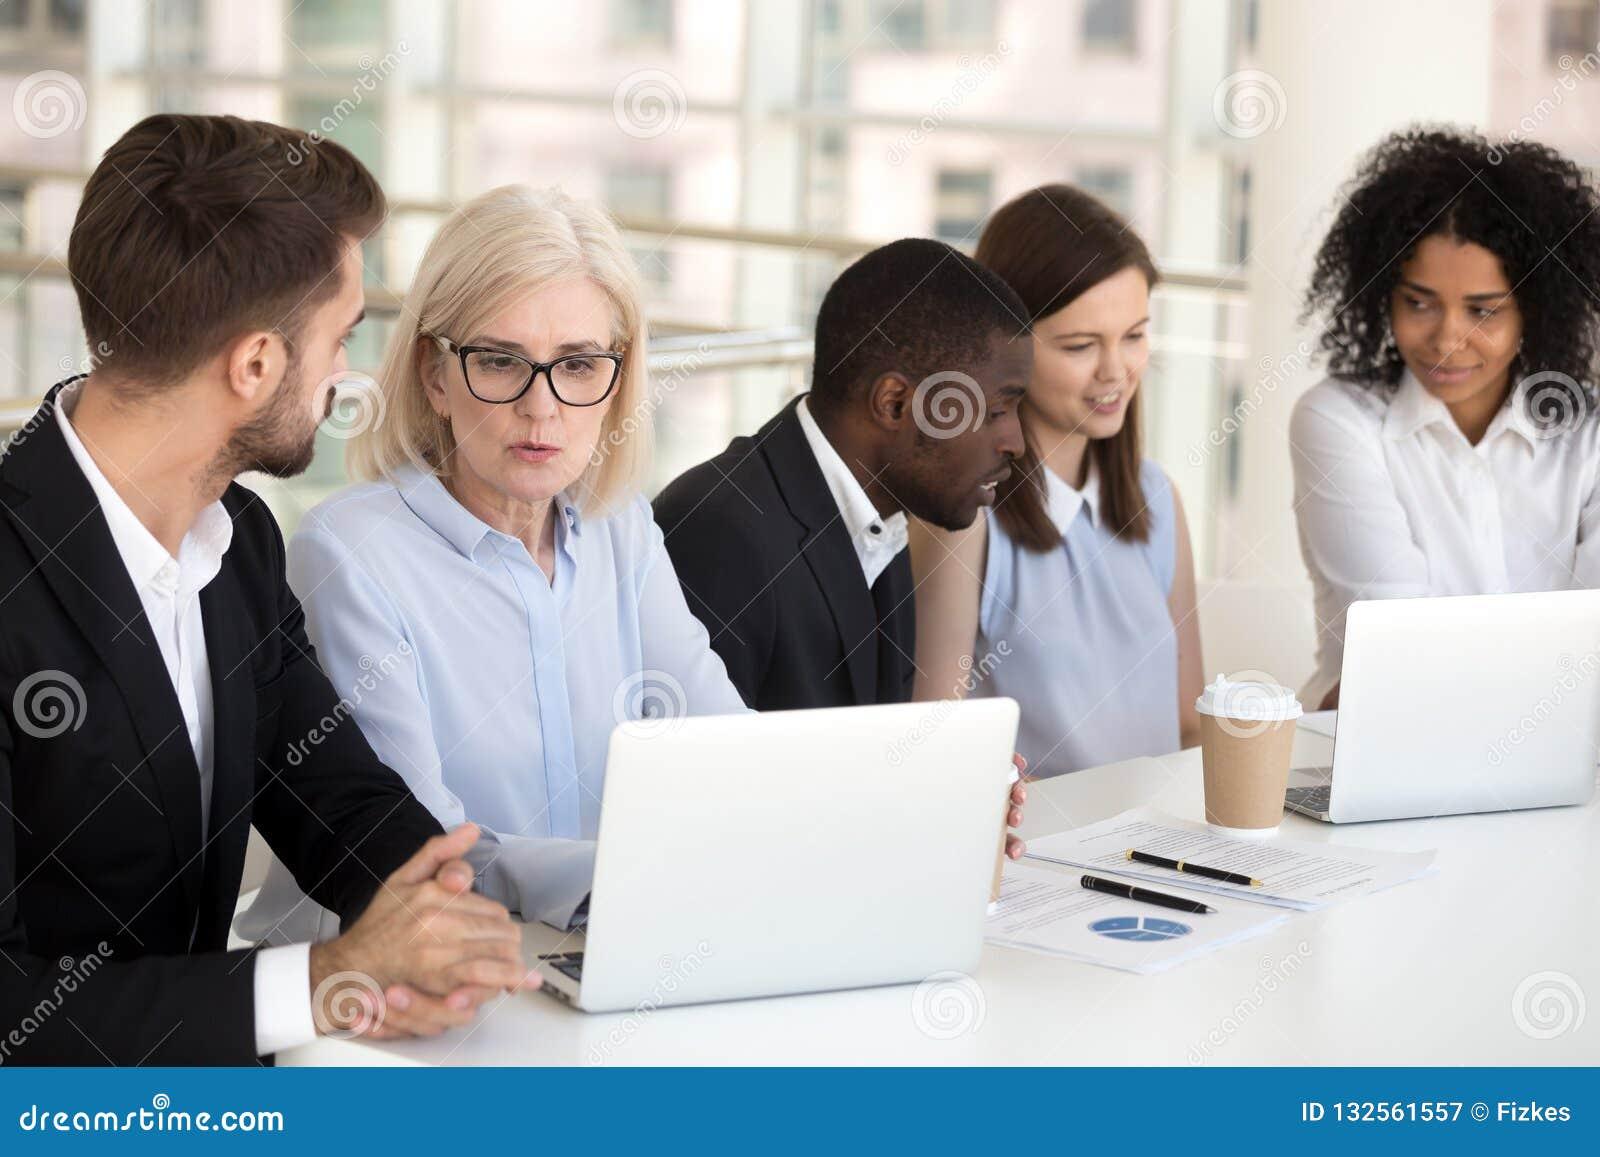 Grupo diverso enfocado serio o de trabajo que habla de los empleados de oficina